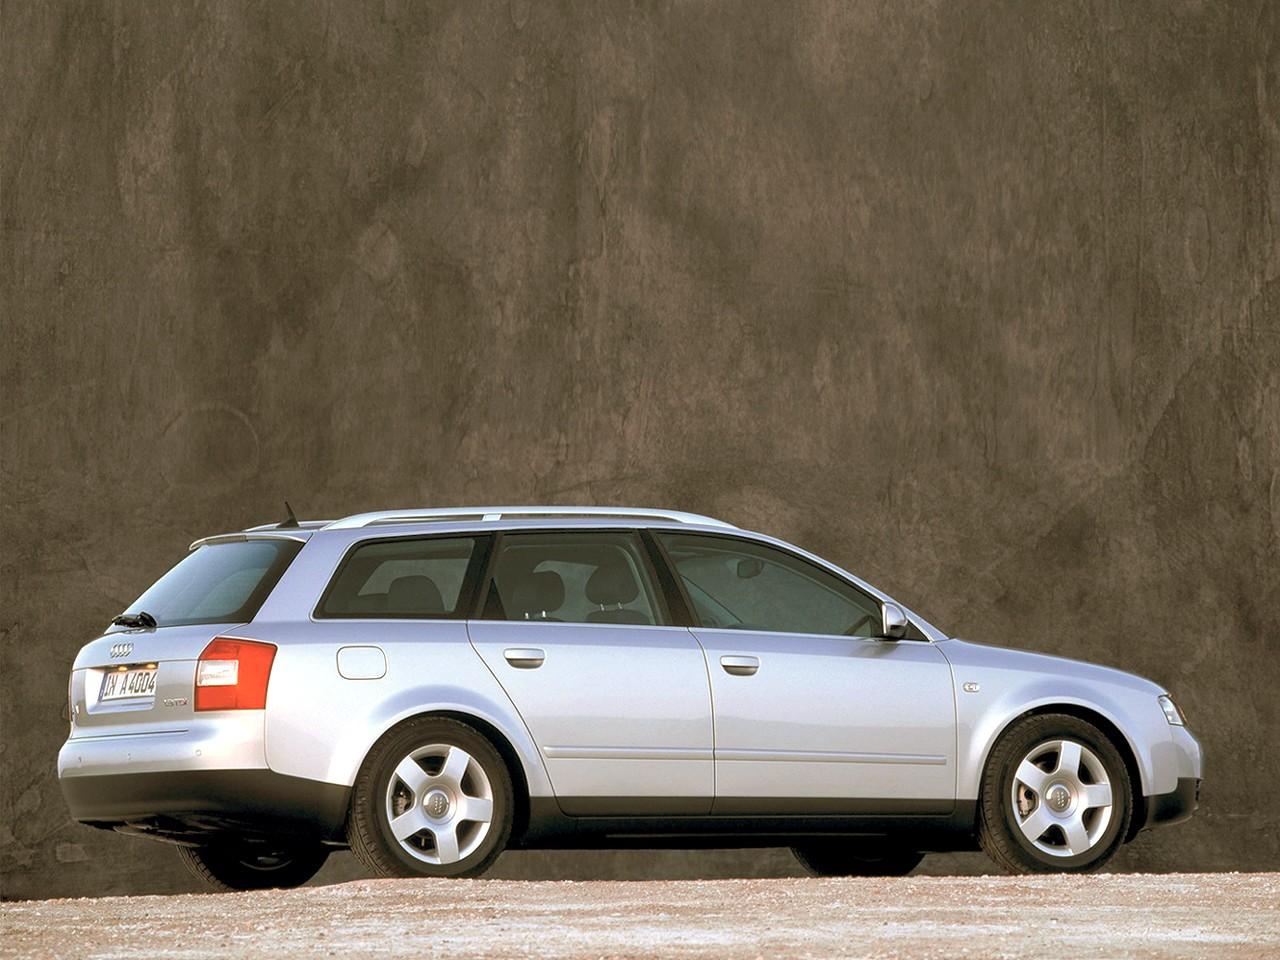 Audi A Avant additionally Audia besides Hqdefault additionally Audi A additionally Maxresdefault. on 2003 audi a4 cvt transmission